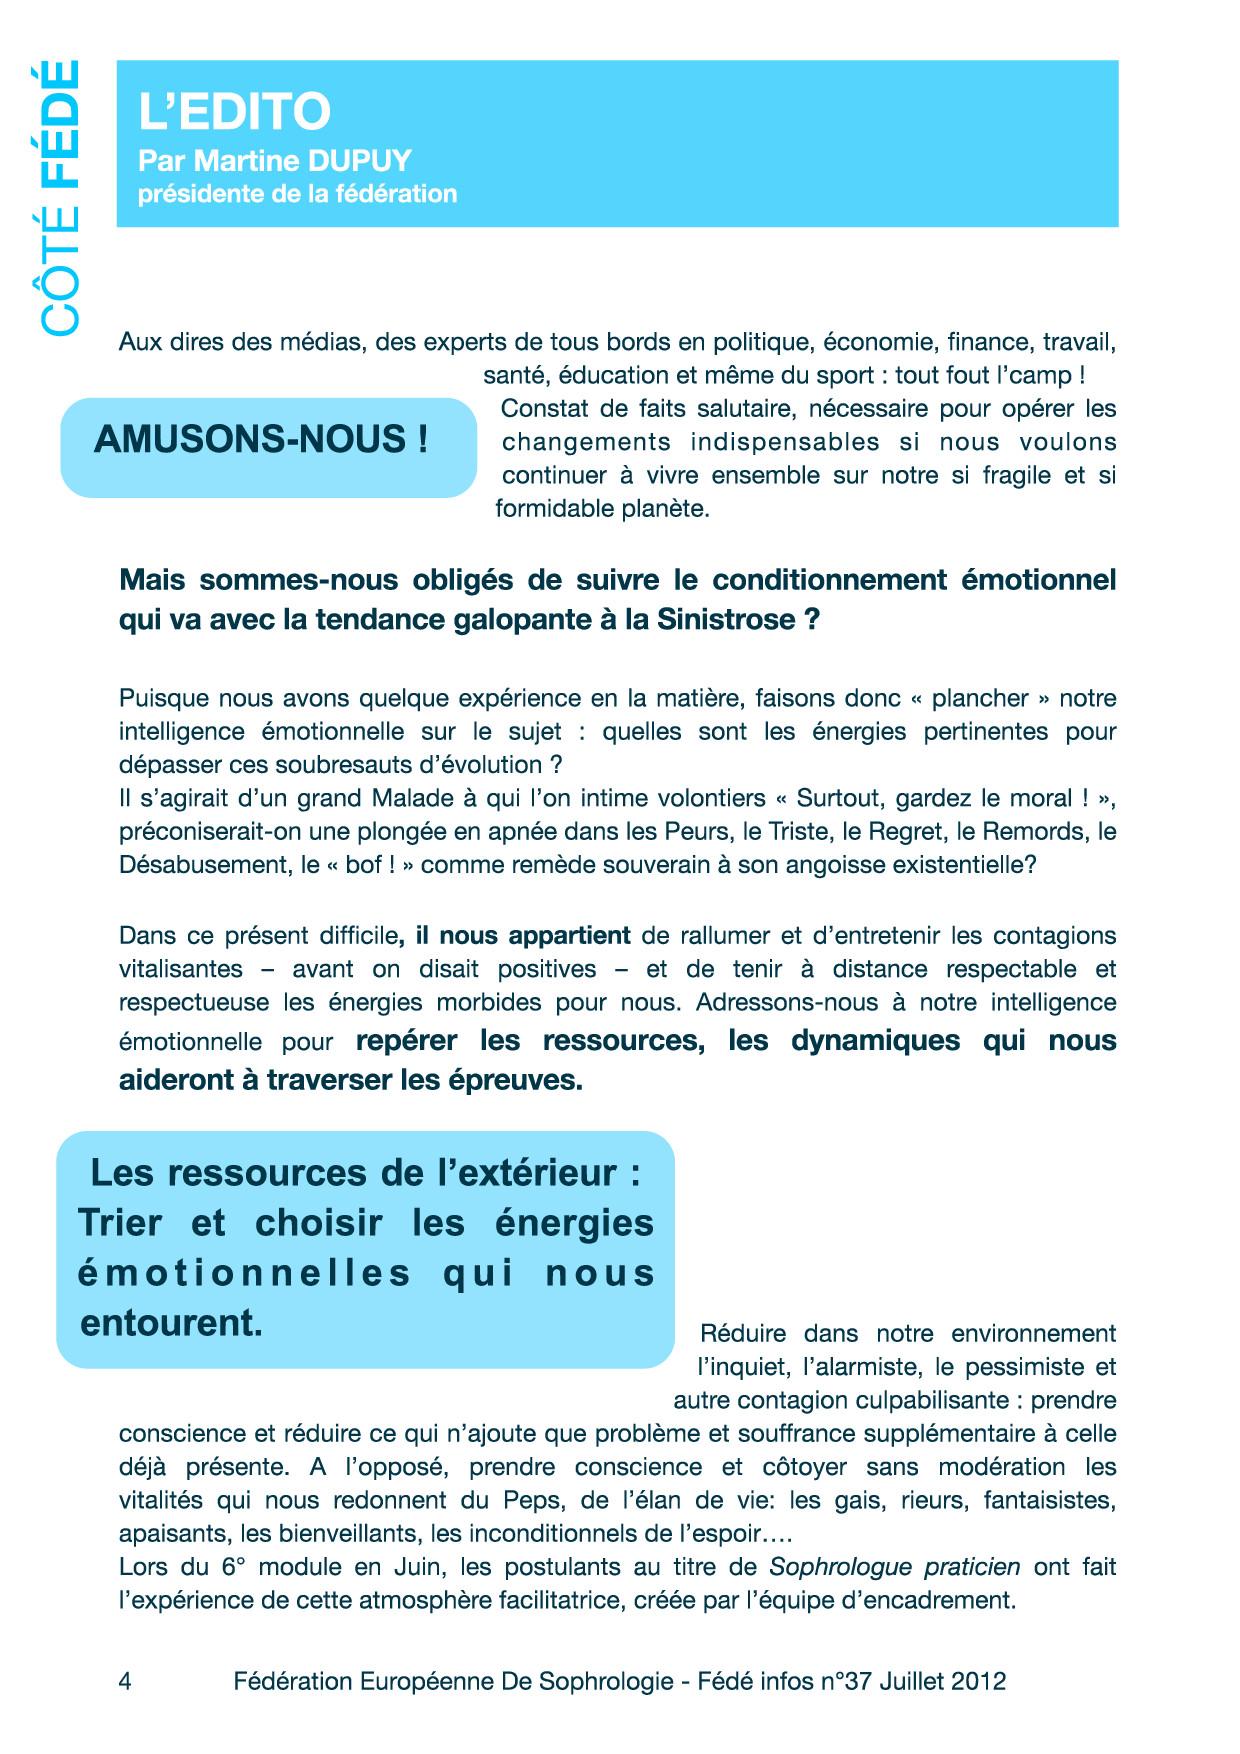 Editorial du Fédé Infos N°37